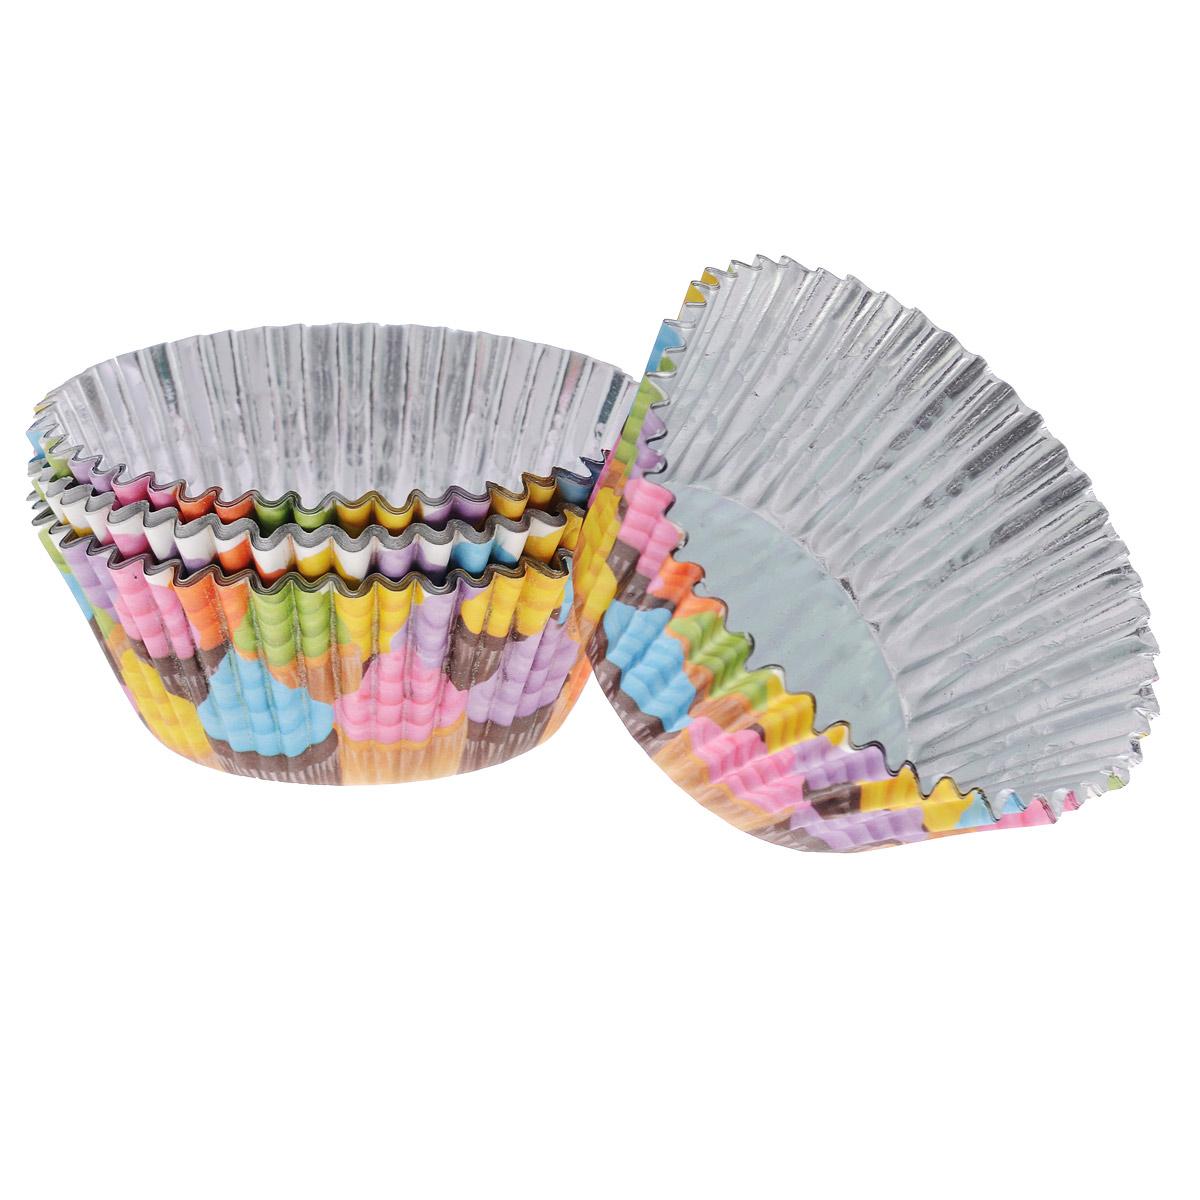 Набор бумажных форм для кексов Wilton Кексы, диаметр 7 см, 36 штWLT-415-2150Набор Wilton Кексы состоит из 36 бумажных форм для кексов. Они предназначены для выпечки и упаковки кондитерских изделий, также могут использоваться для сервировки орешков, конфет и др. Внутри формы оснащены специальным фольгированным вкладышем, благодаря которому изделия не требуют предварительной смазки маслом или жиром. Гофрированные бумажные формы идеальны для выпечки кексов, булочек и пирожных.Высота стенки: 3 см. Диаметр (по верхнему краю): 7 см.Диаметр дна: 5 см.